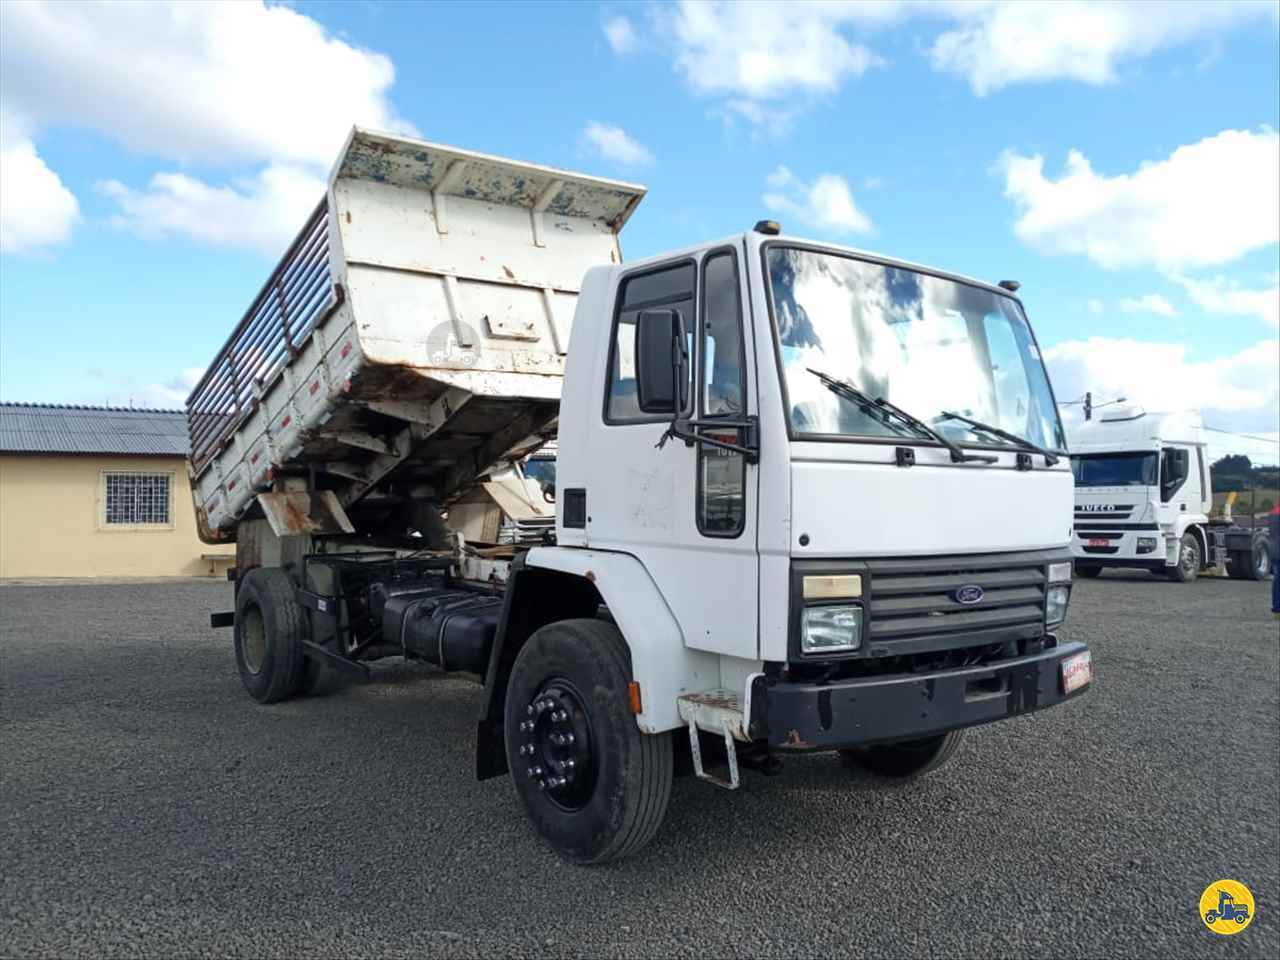 CAMINHAO FORD CARGO 1617 Caçamba Basculante Truck 6x2 Kaio Caminhões LAGES SANTA CATARINA SC